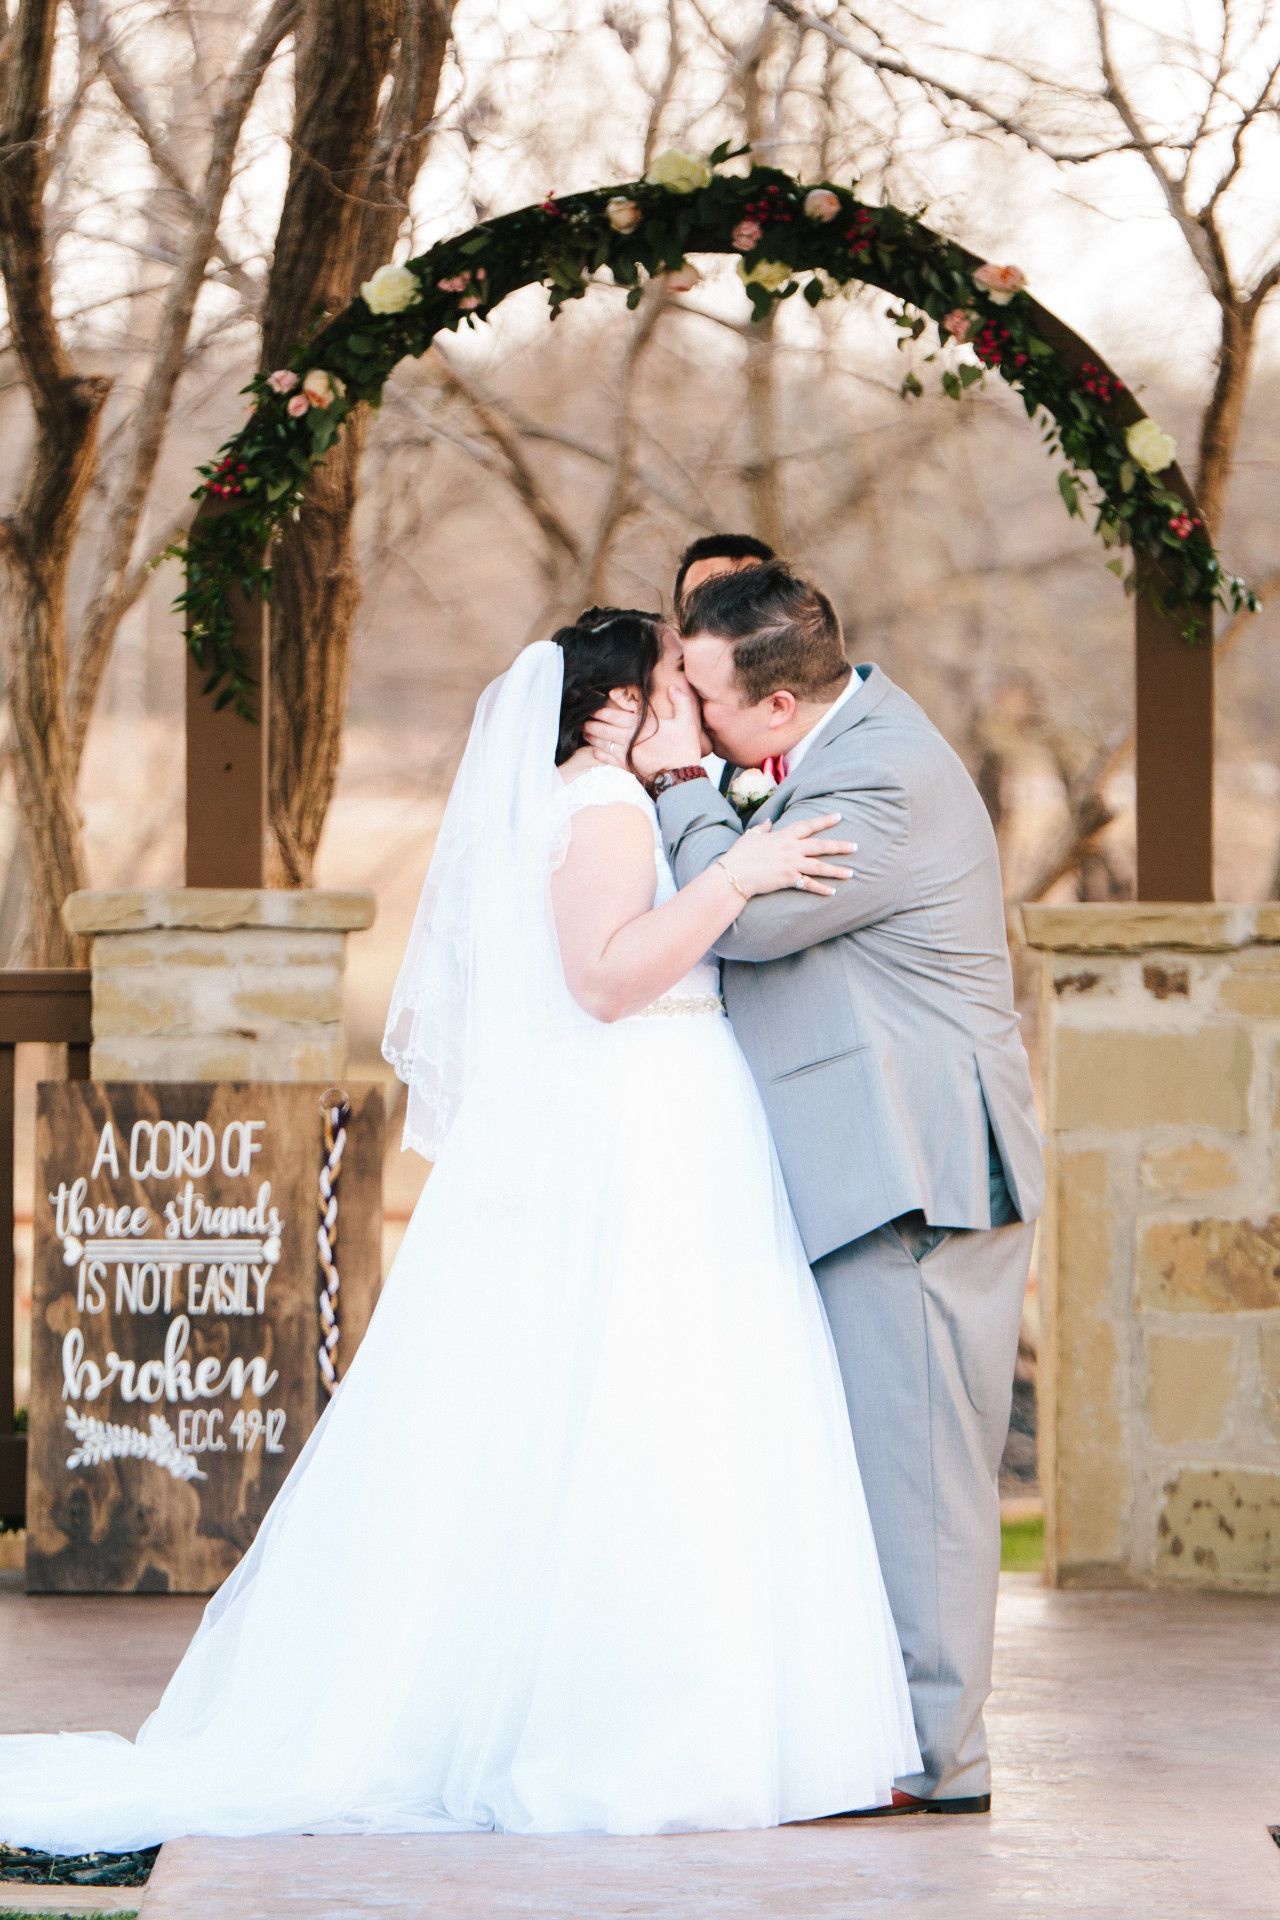 Peach wedding arch decor spring wedding arch decoration ideas